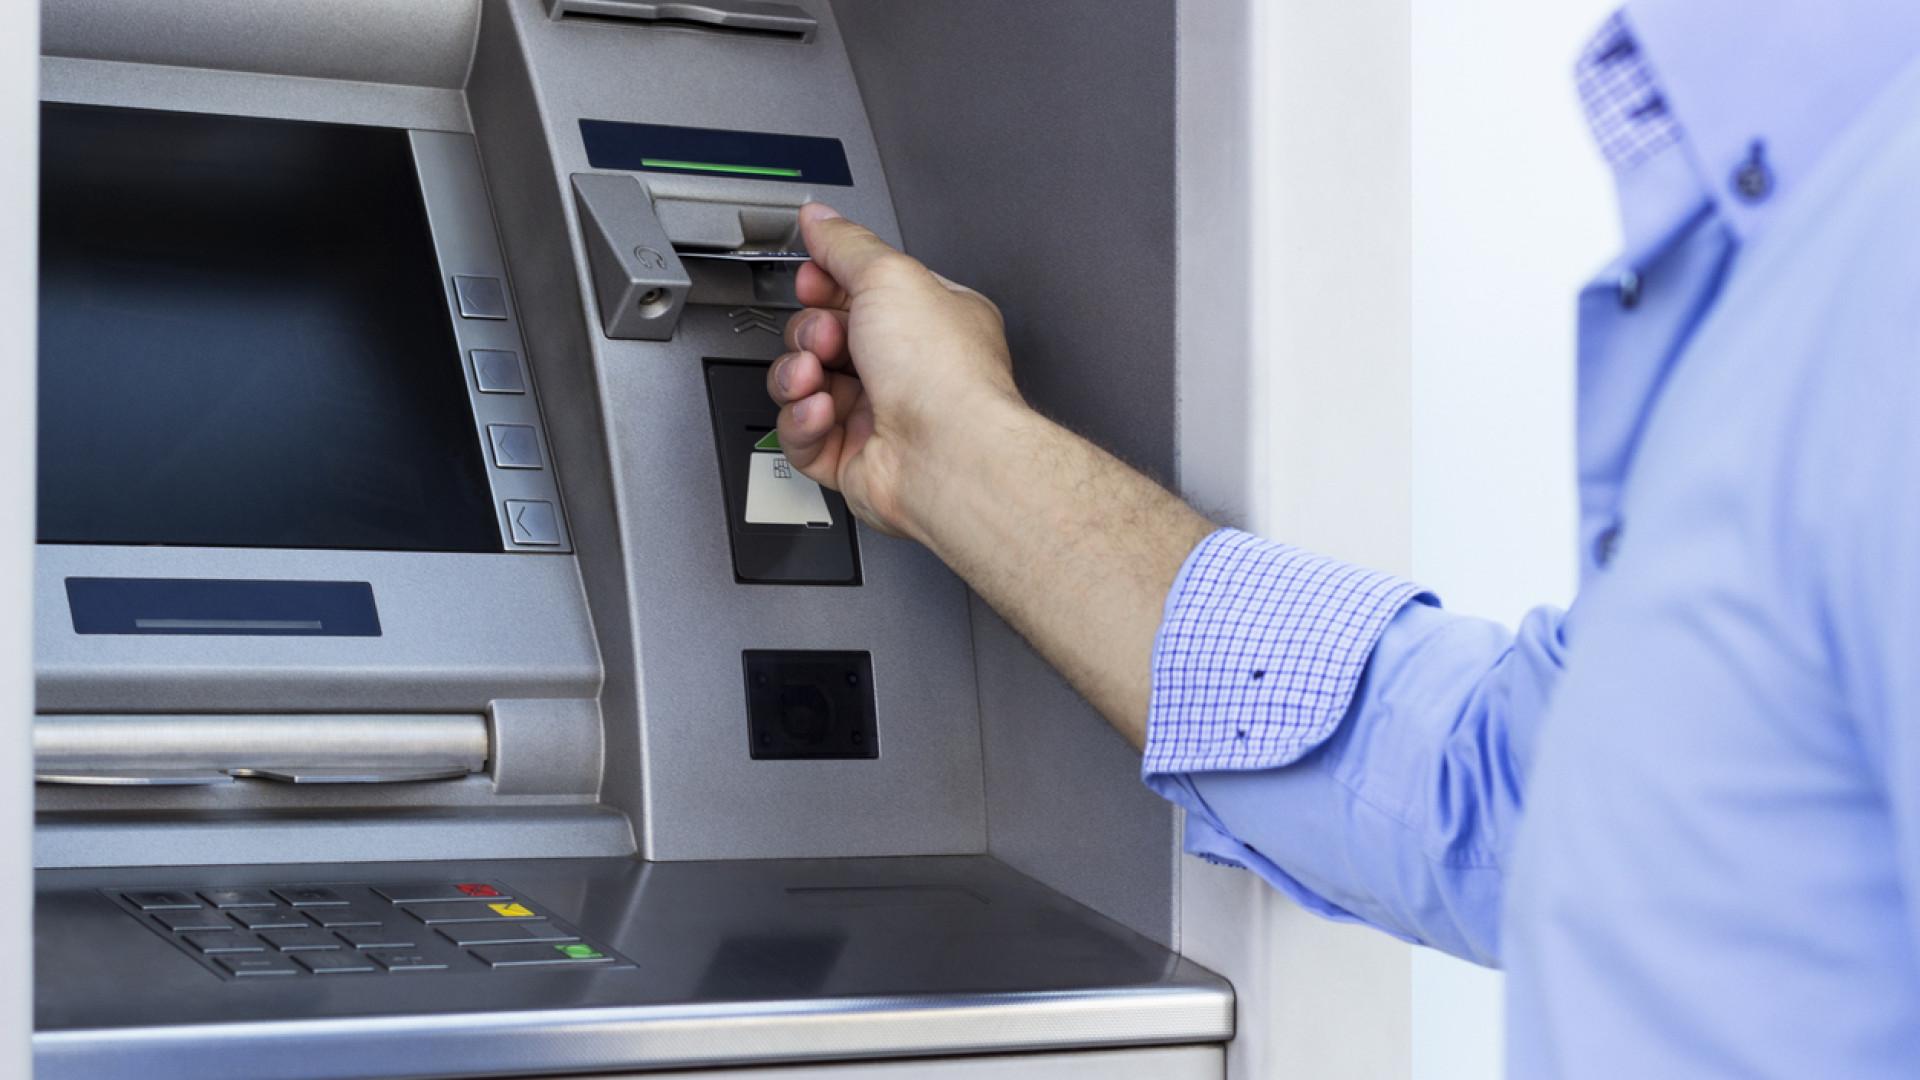 Autorizados 1,7 milhões para receção de pagamentos por MB à Seg. Social